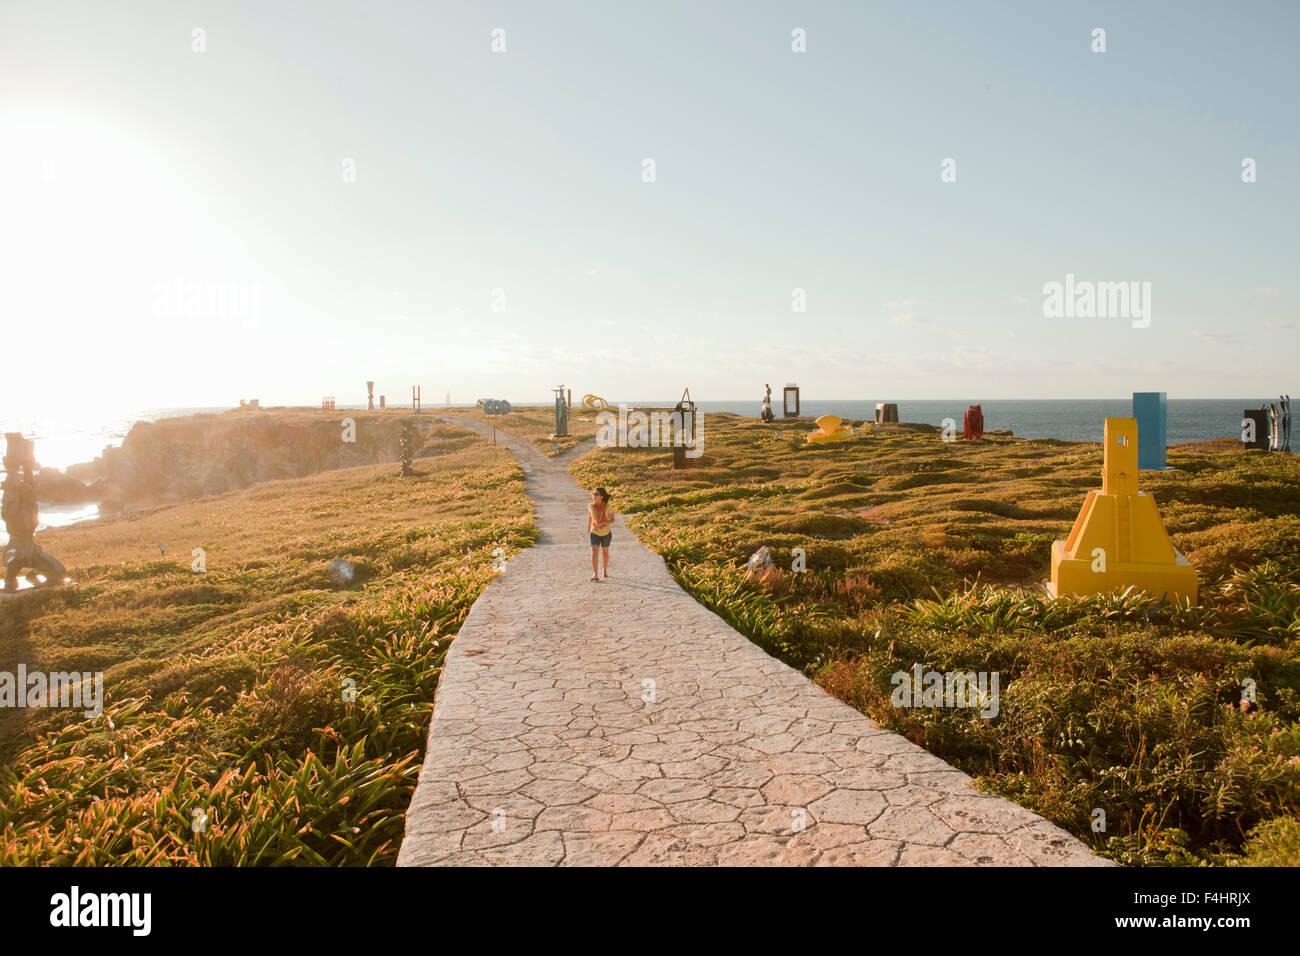 Le Parc de sculptures au lever du soleil. Punta Sur, Isla Mujeres, Quintana Roo, Mexique. Photo Stock